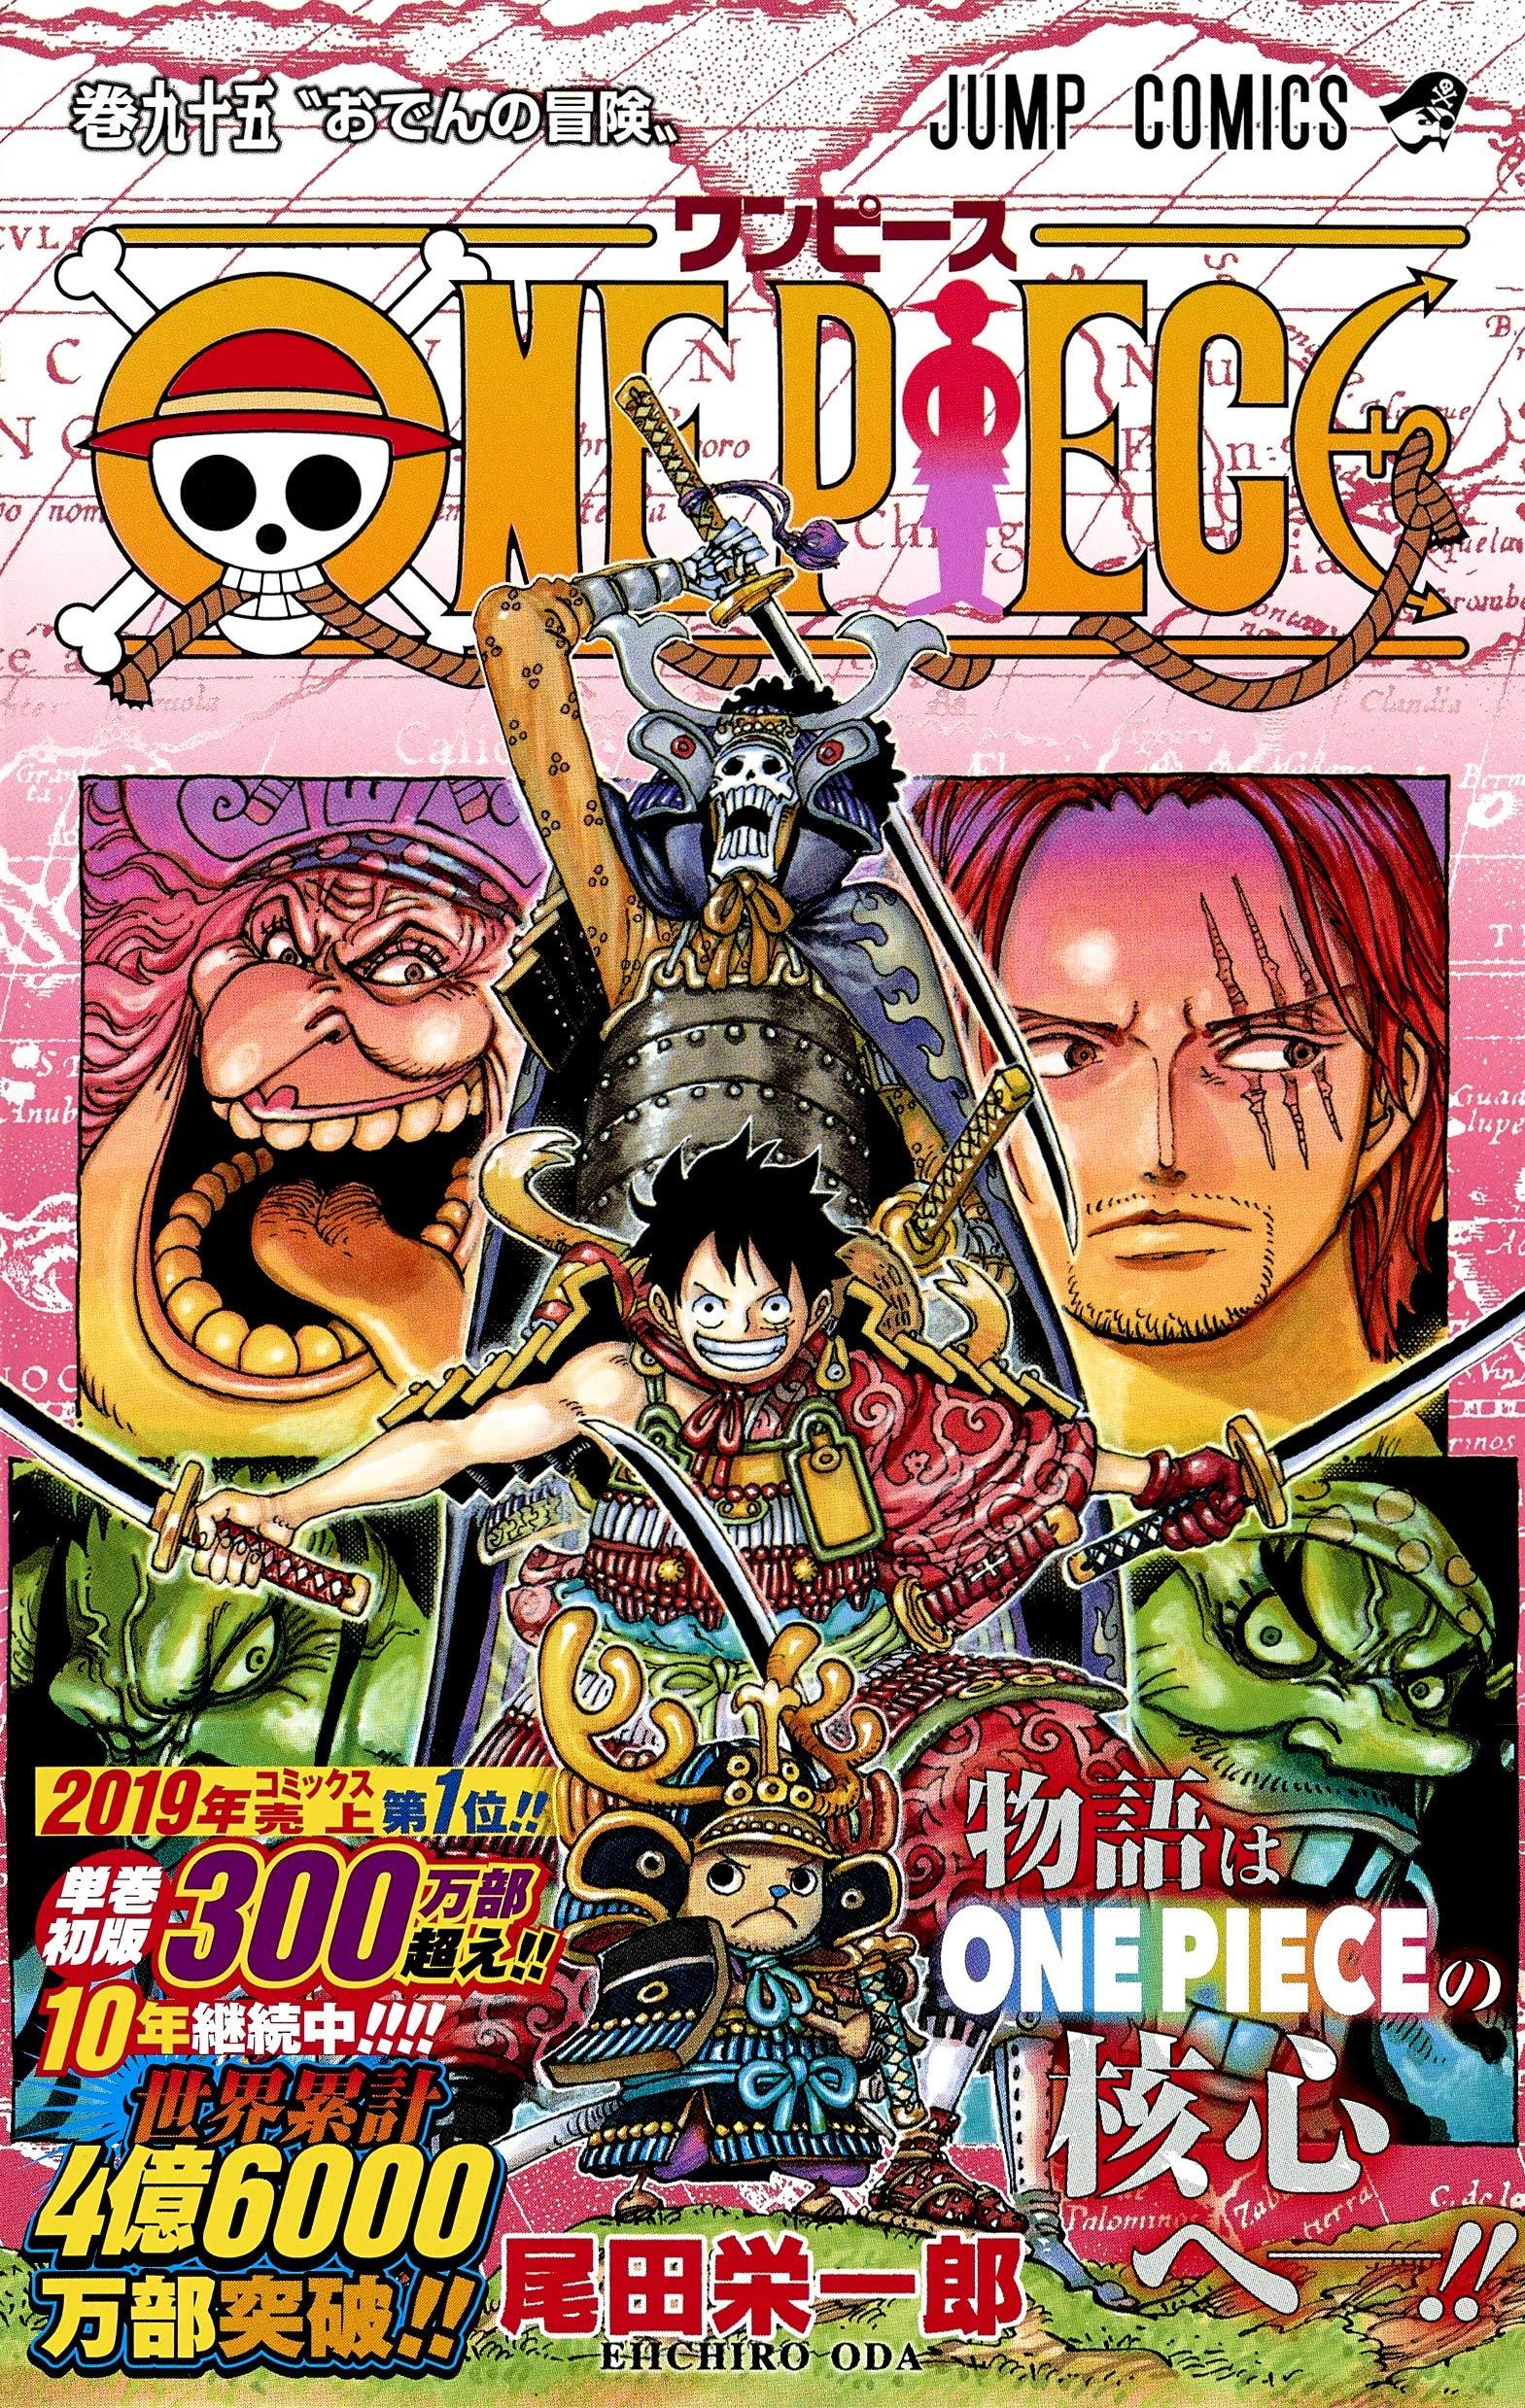 ONE PIECE 95 (ジャンプコミックス)   尾田 栄一郎  本   通販   Amazon